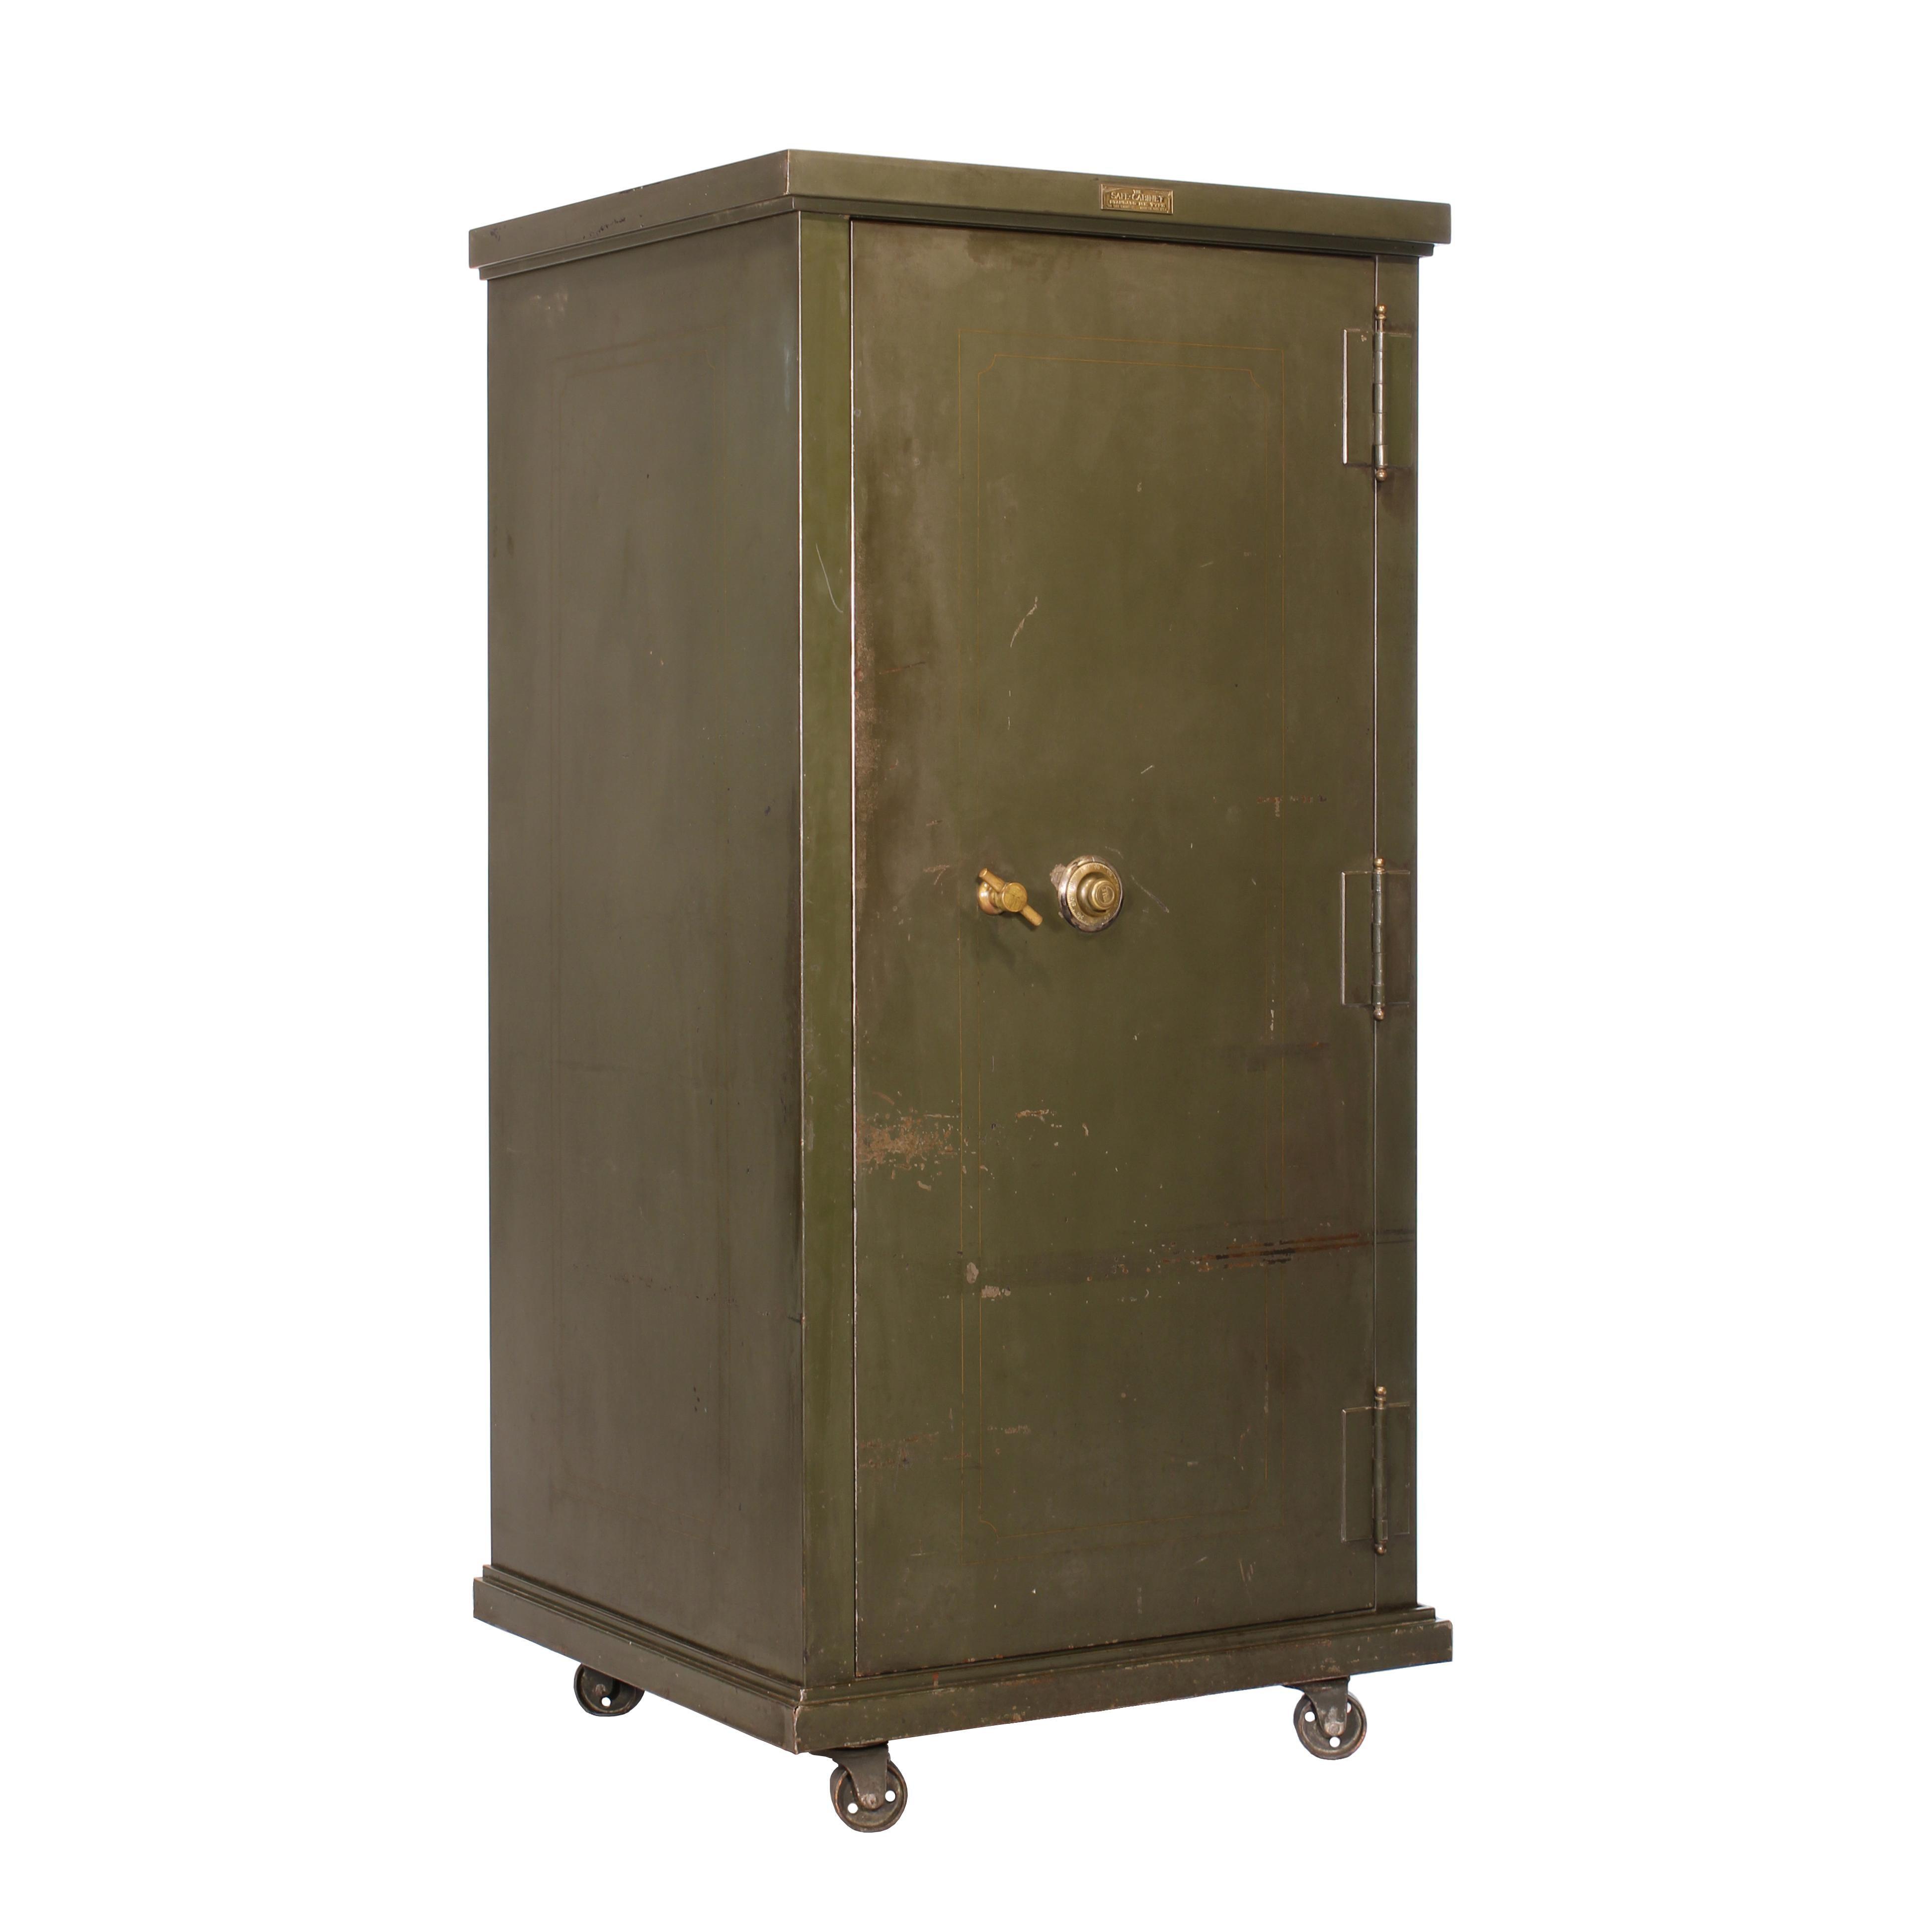 Vintage steel furniture Dark Wood Vintage Steel Safecabinet Co Safe For Sale Placewares Vintage Steel Safecabinet Co Safe For Sale At 1stdibs